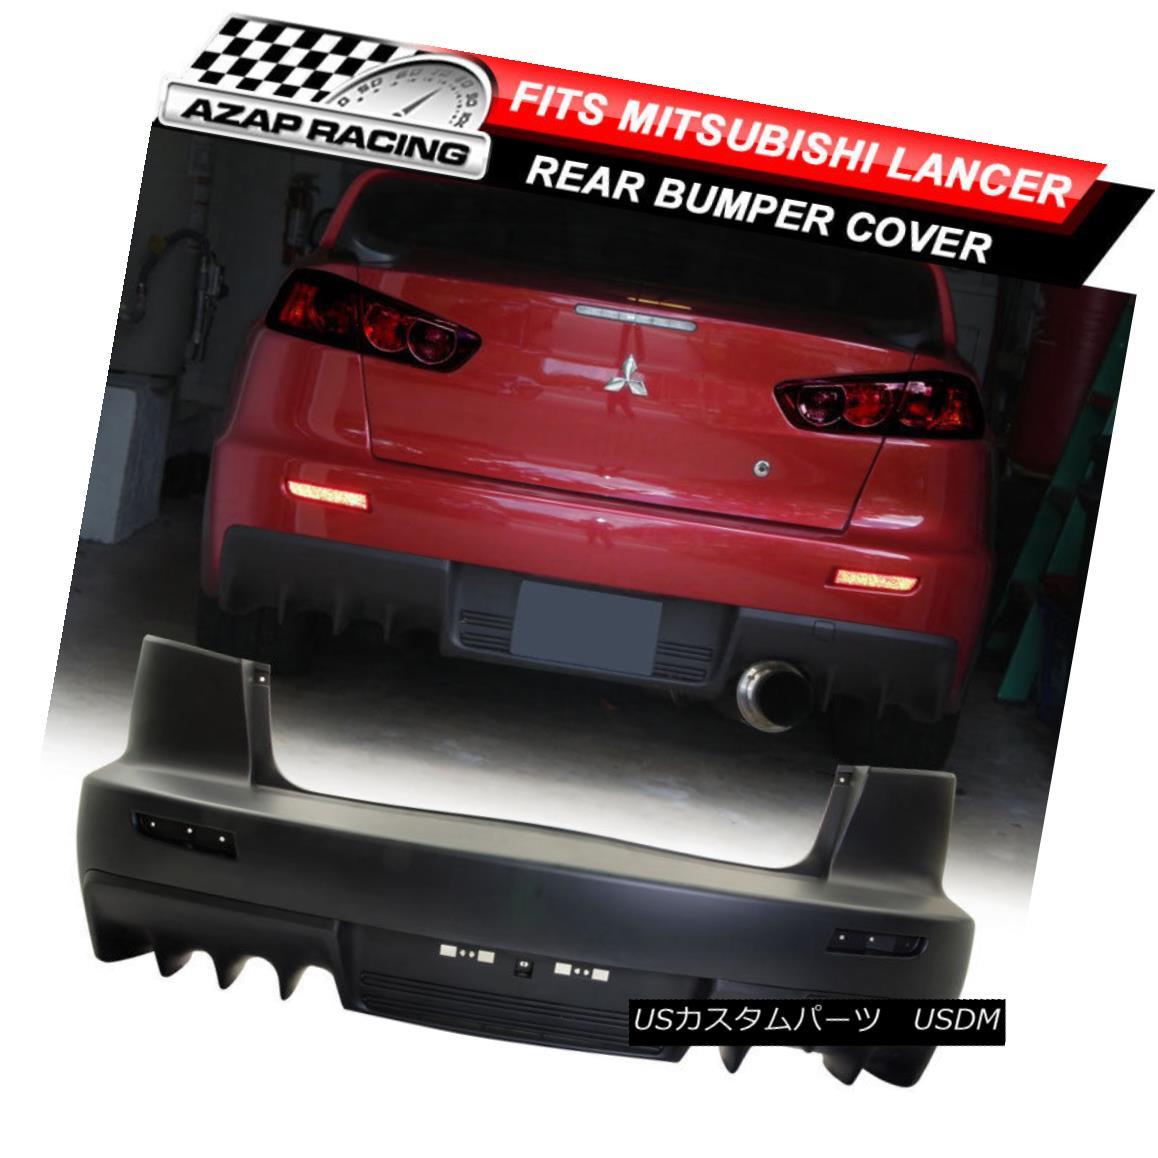 エアロパーツ 08-15 EVO PP Rear Bumper Cover Single Outlet Exhaust Kit Fits Mitsubishi Lancer 08~15 EVO PPリアバンパカバーシングルアウトレットエキゾーストキットは三菱ランサーに適合